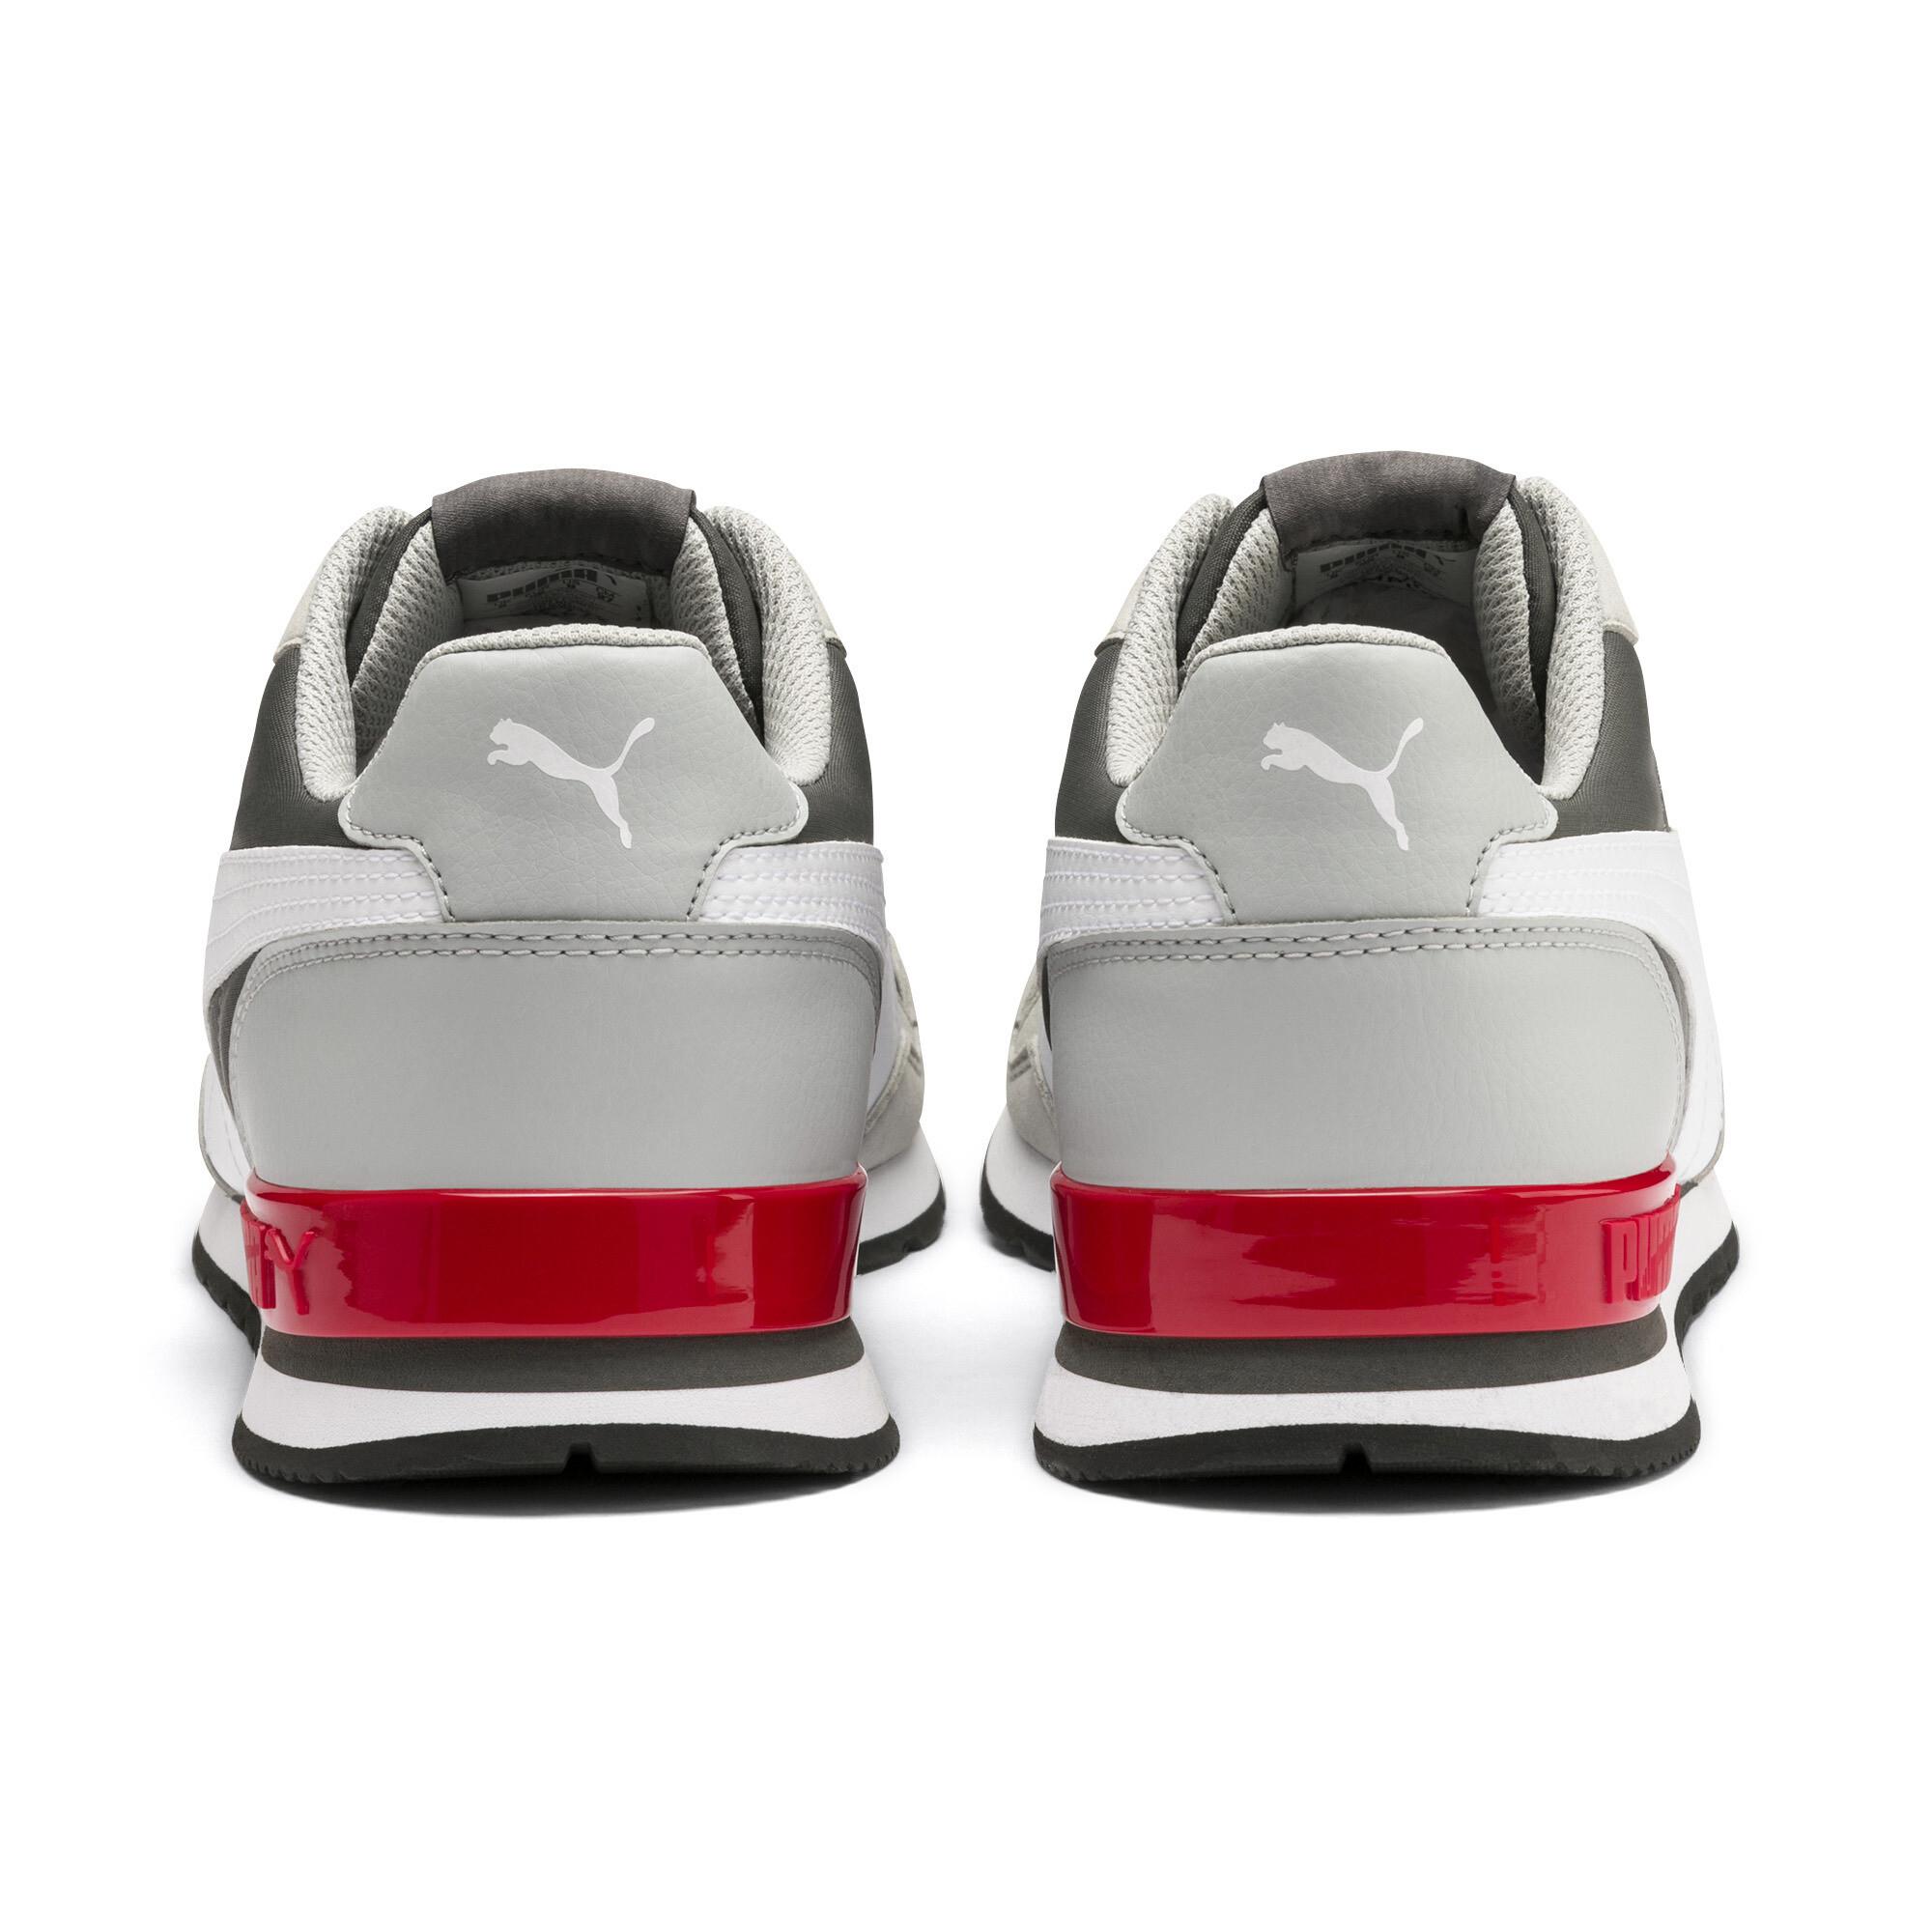 Puma-ST-Runner-v2-Para-hombre-Zapatos-para-hombre-Basics miniatura 3